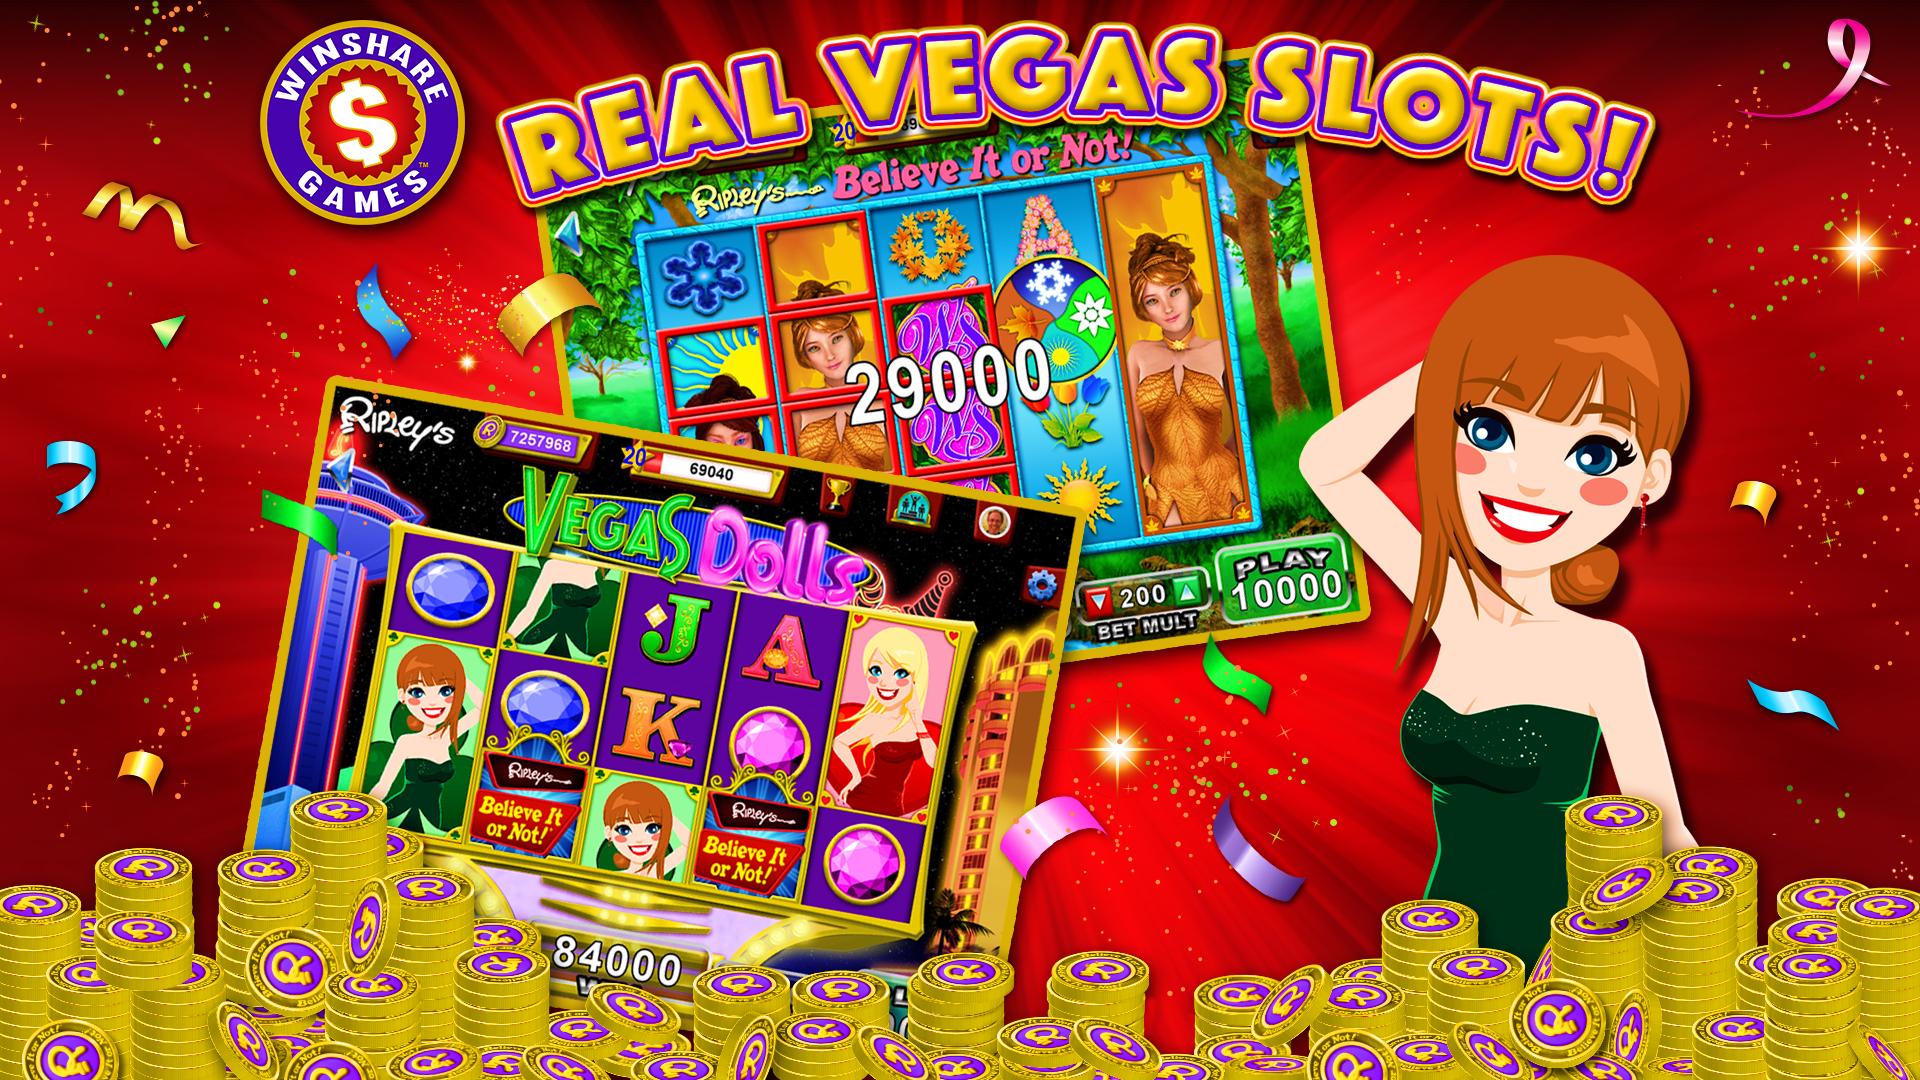 Real Vegas 5